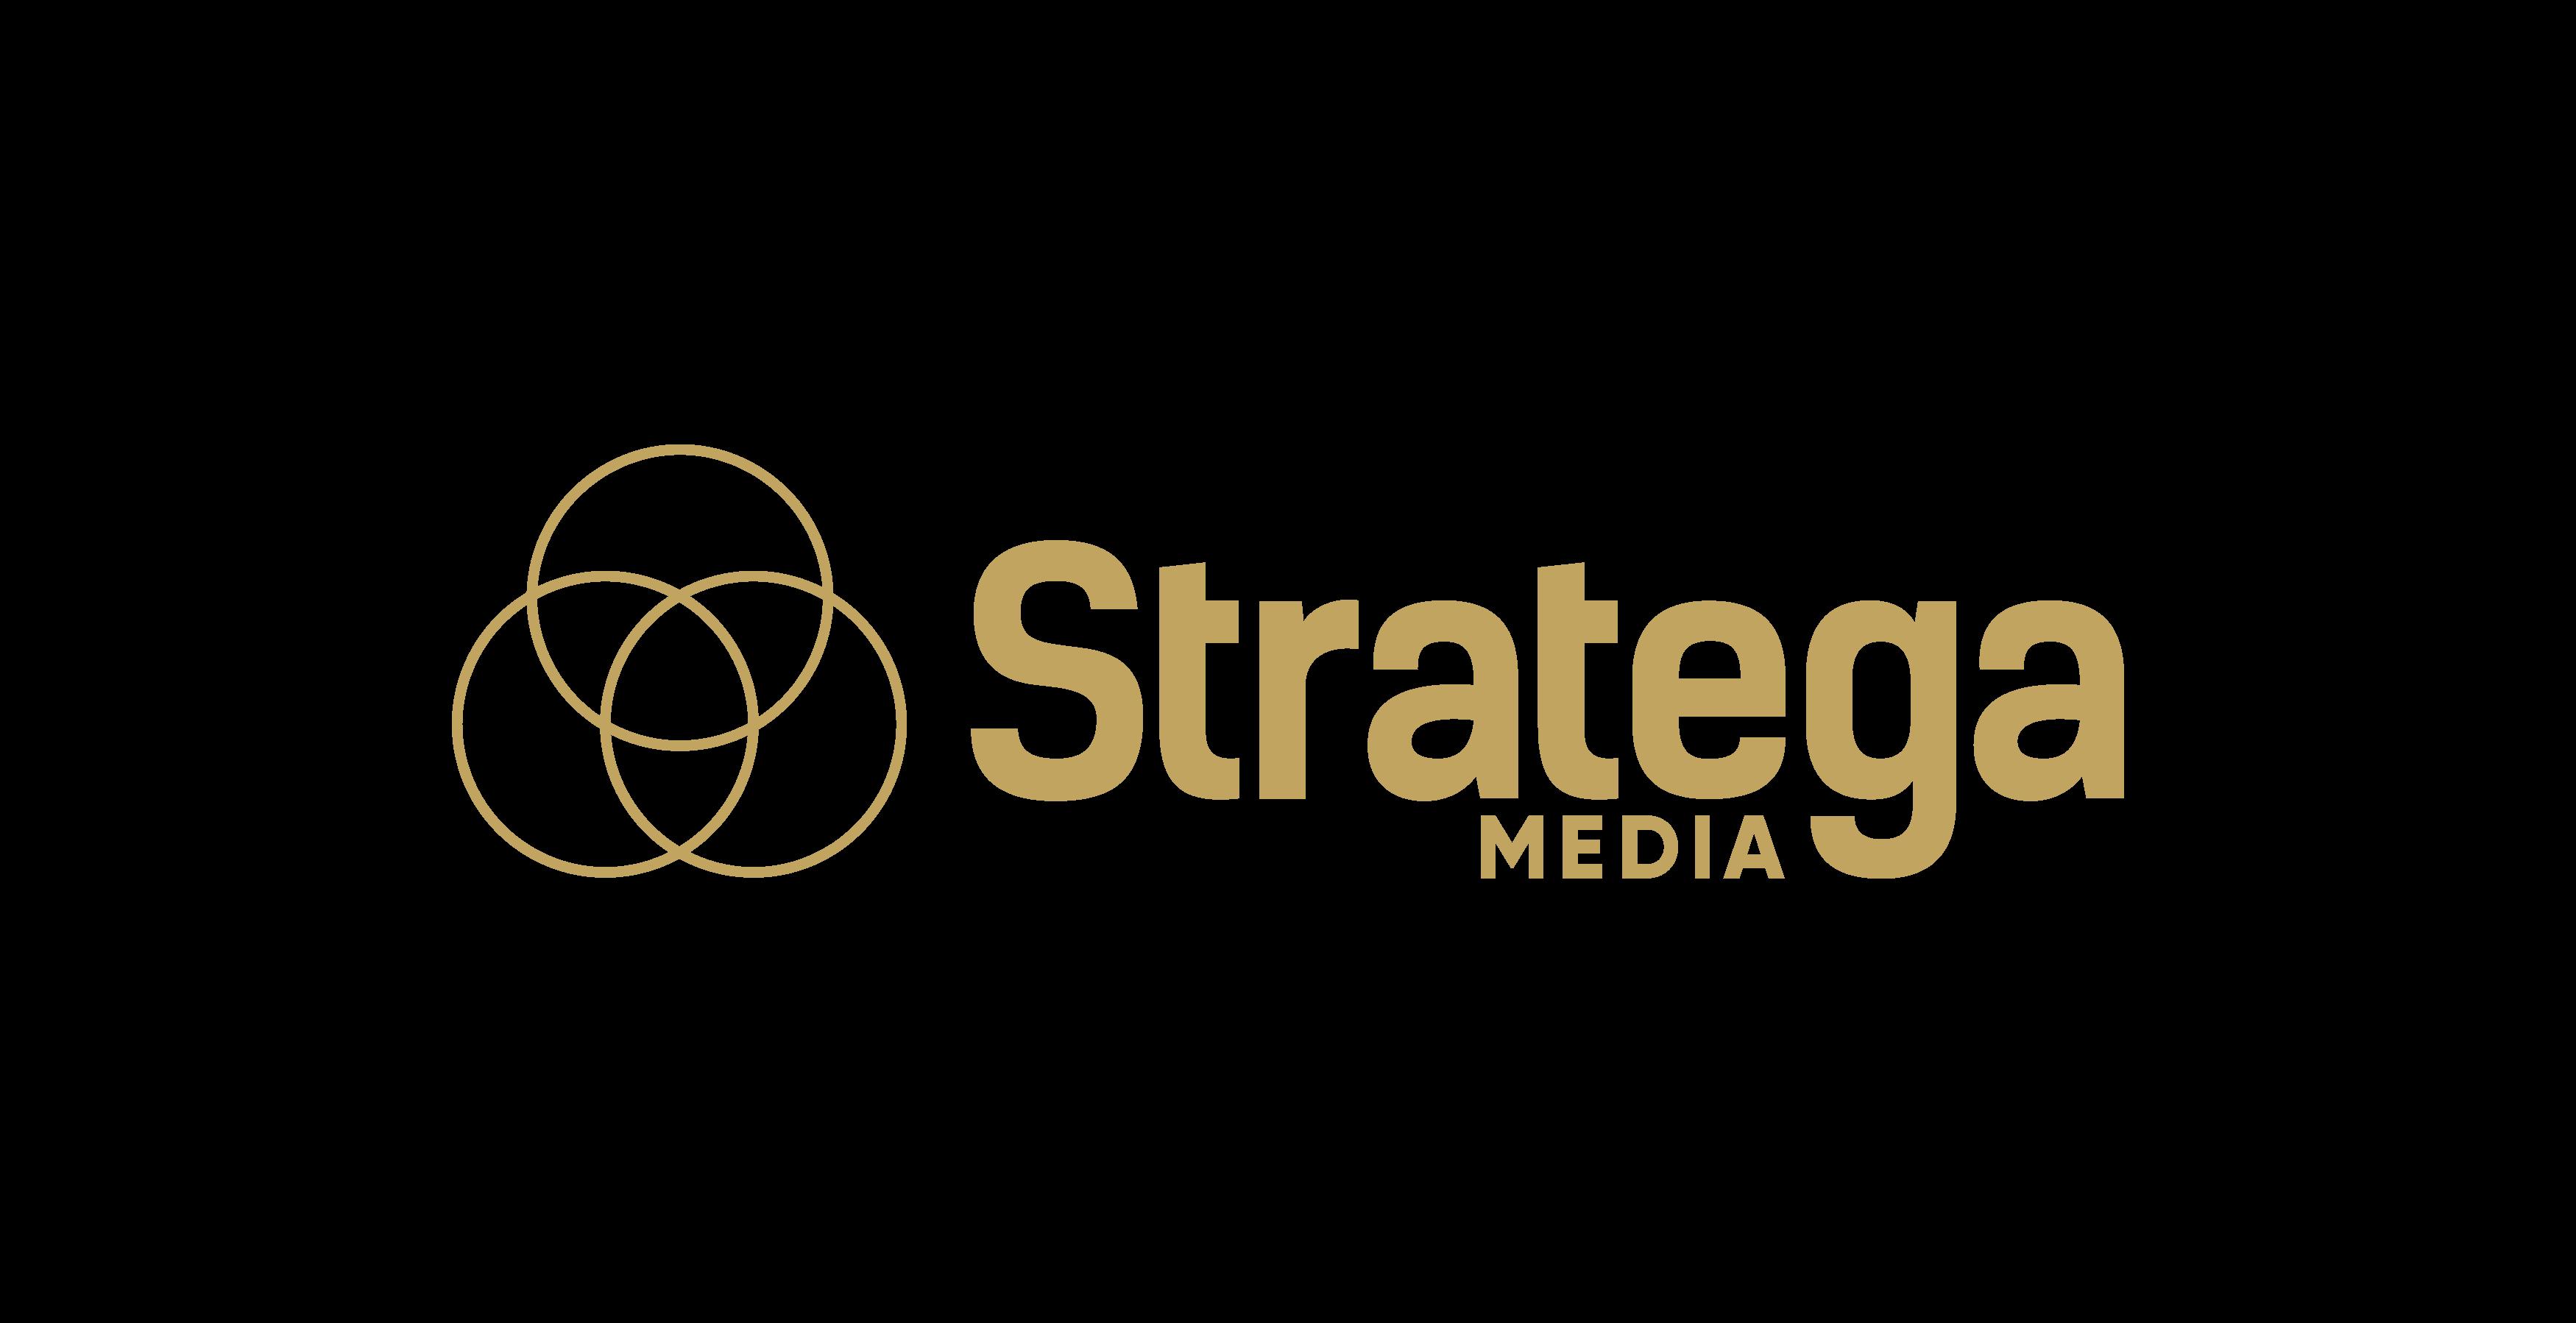 Stratega Media